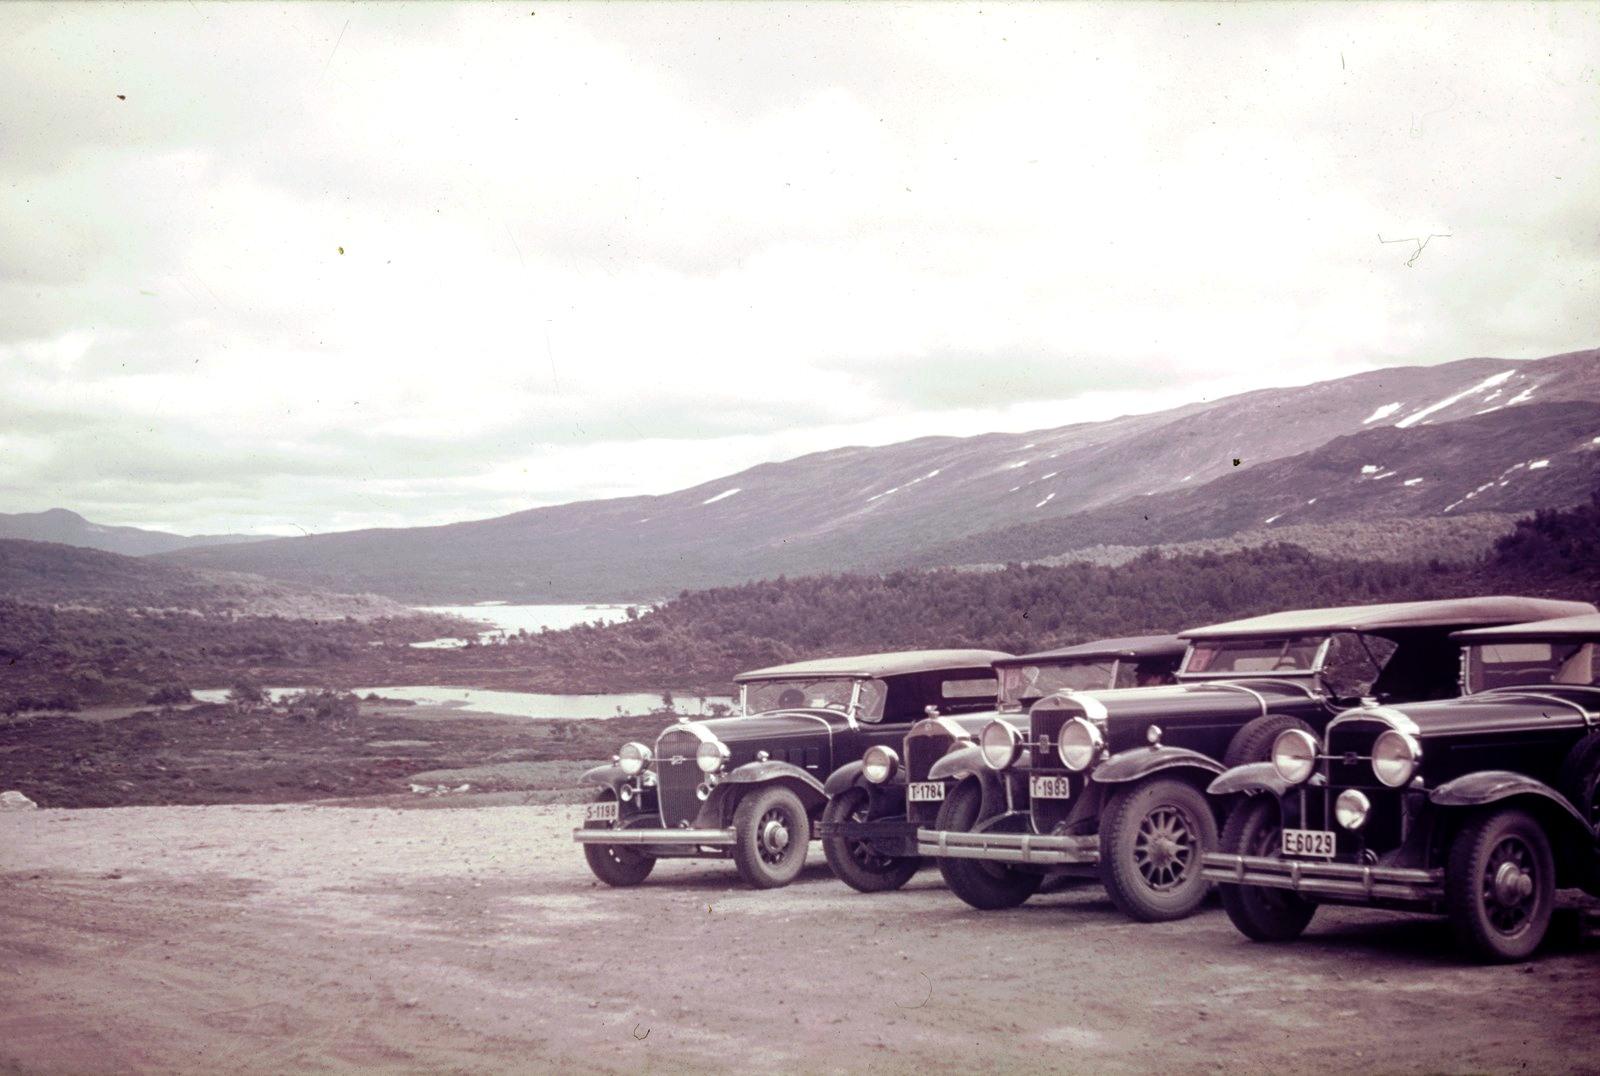 Припаркованные автомобили возле фьорда